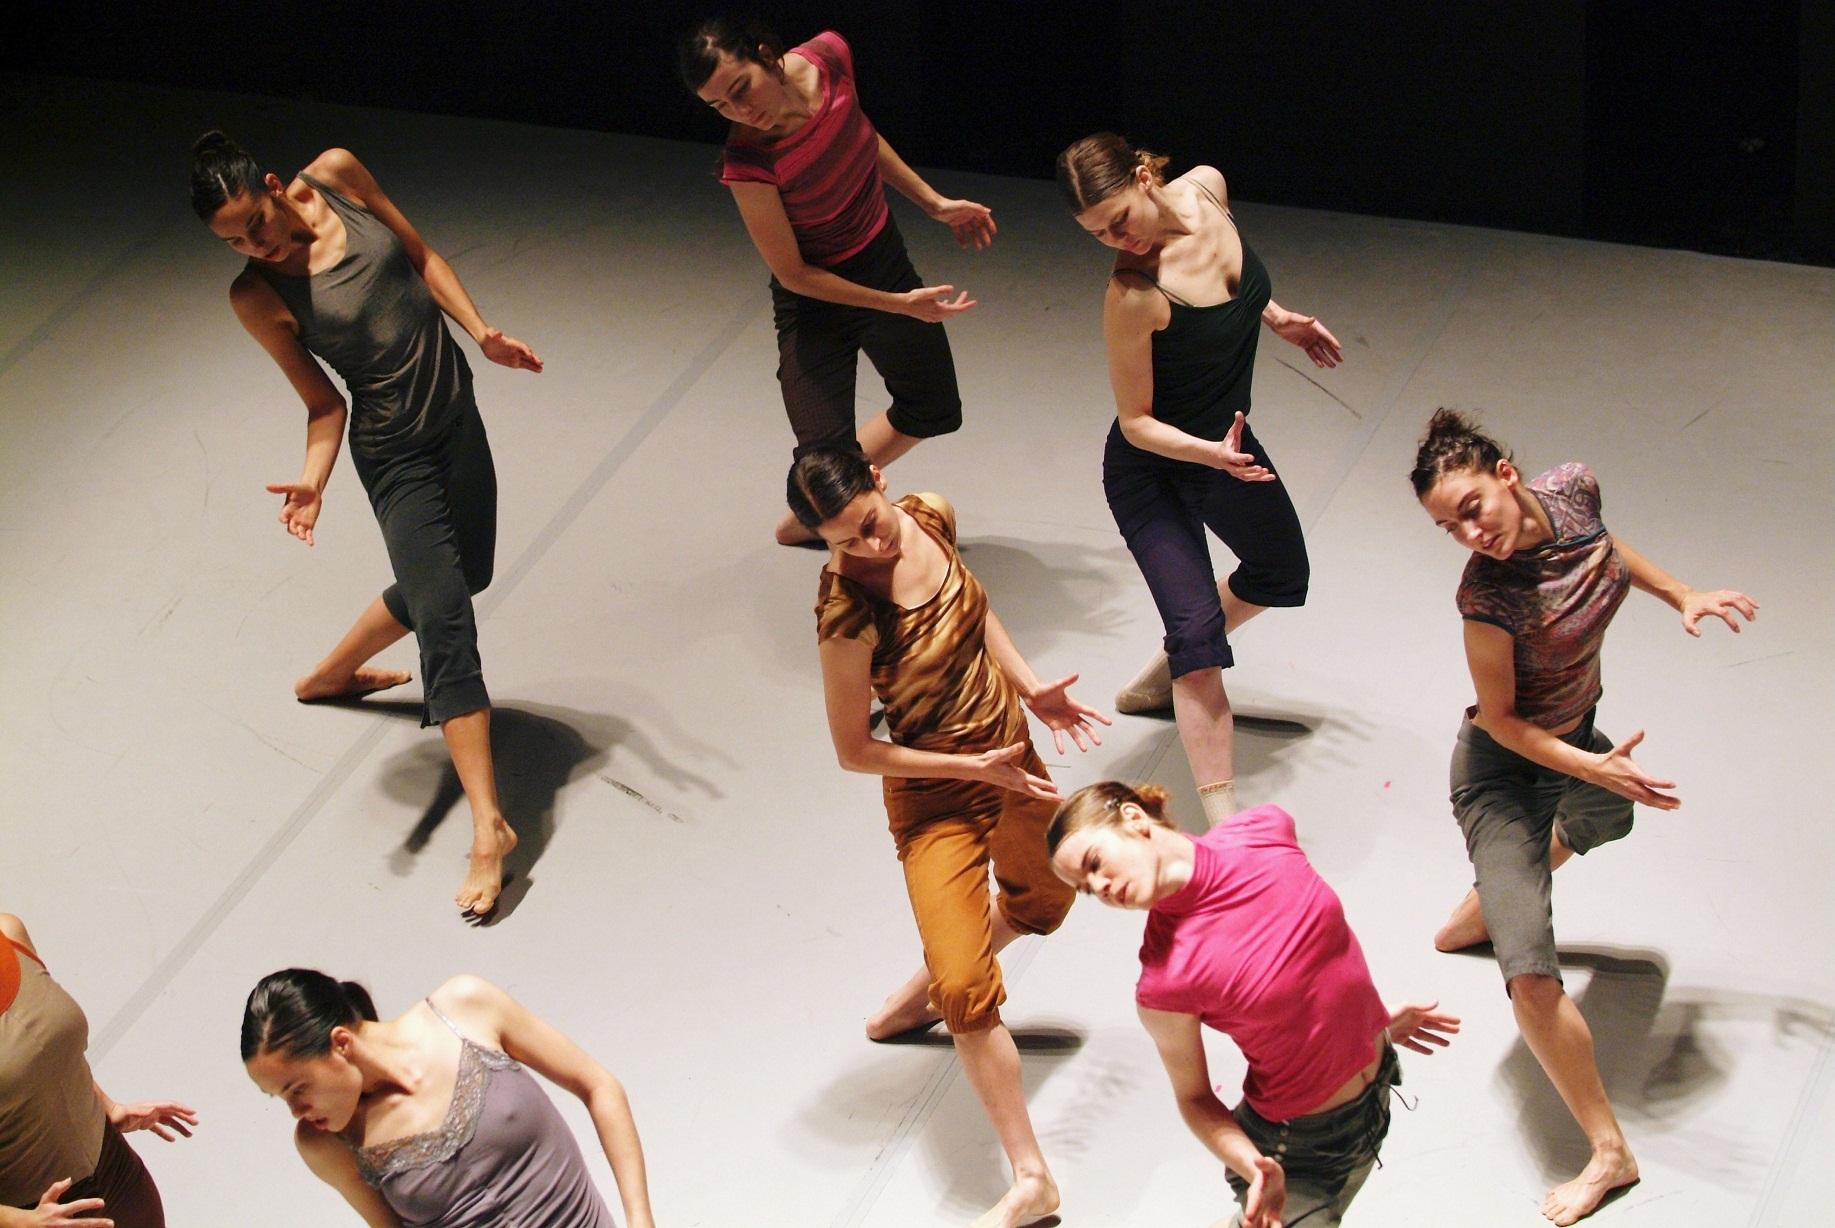 Какую пользу оказывают услуги по преподаванию танцев?